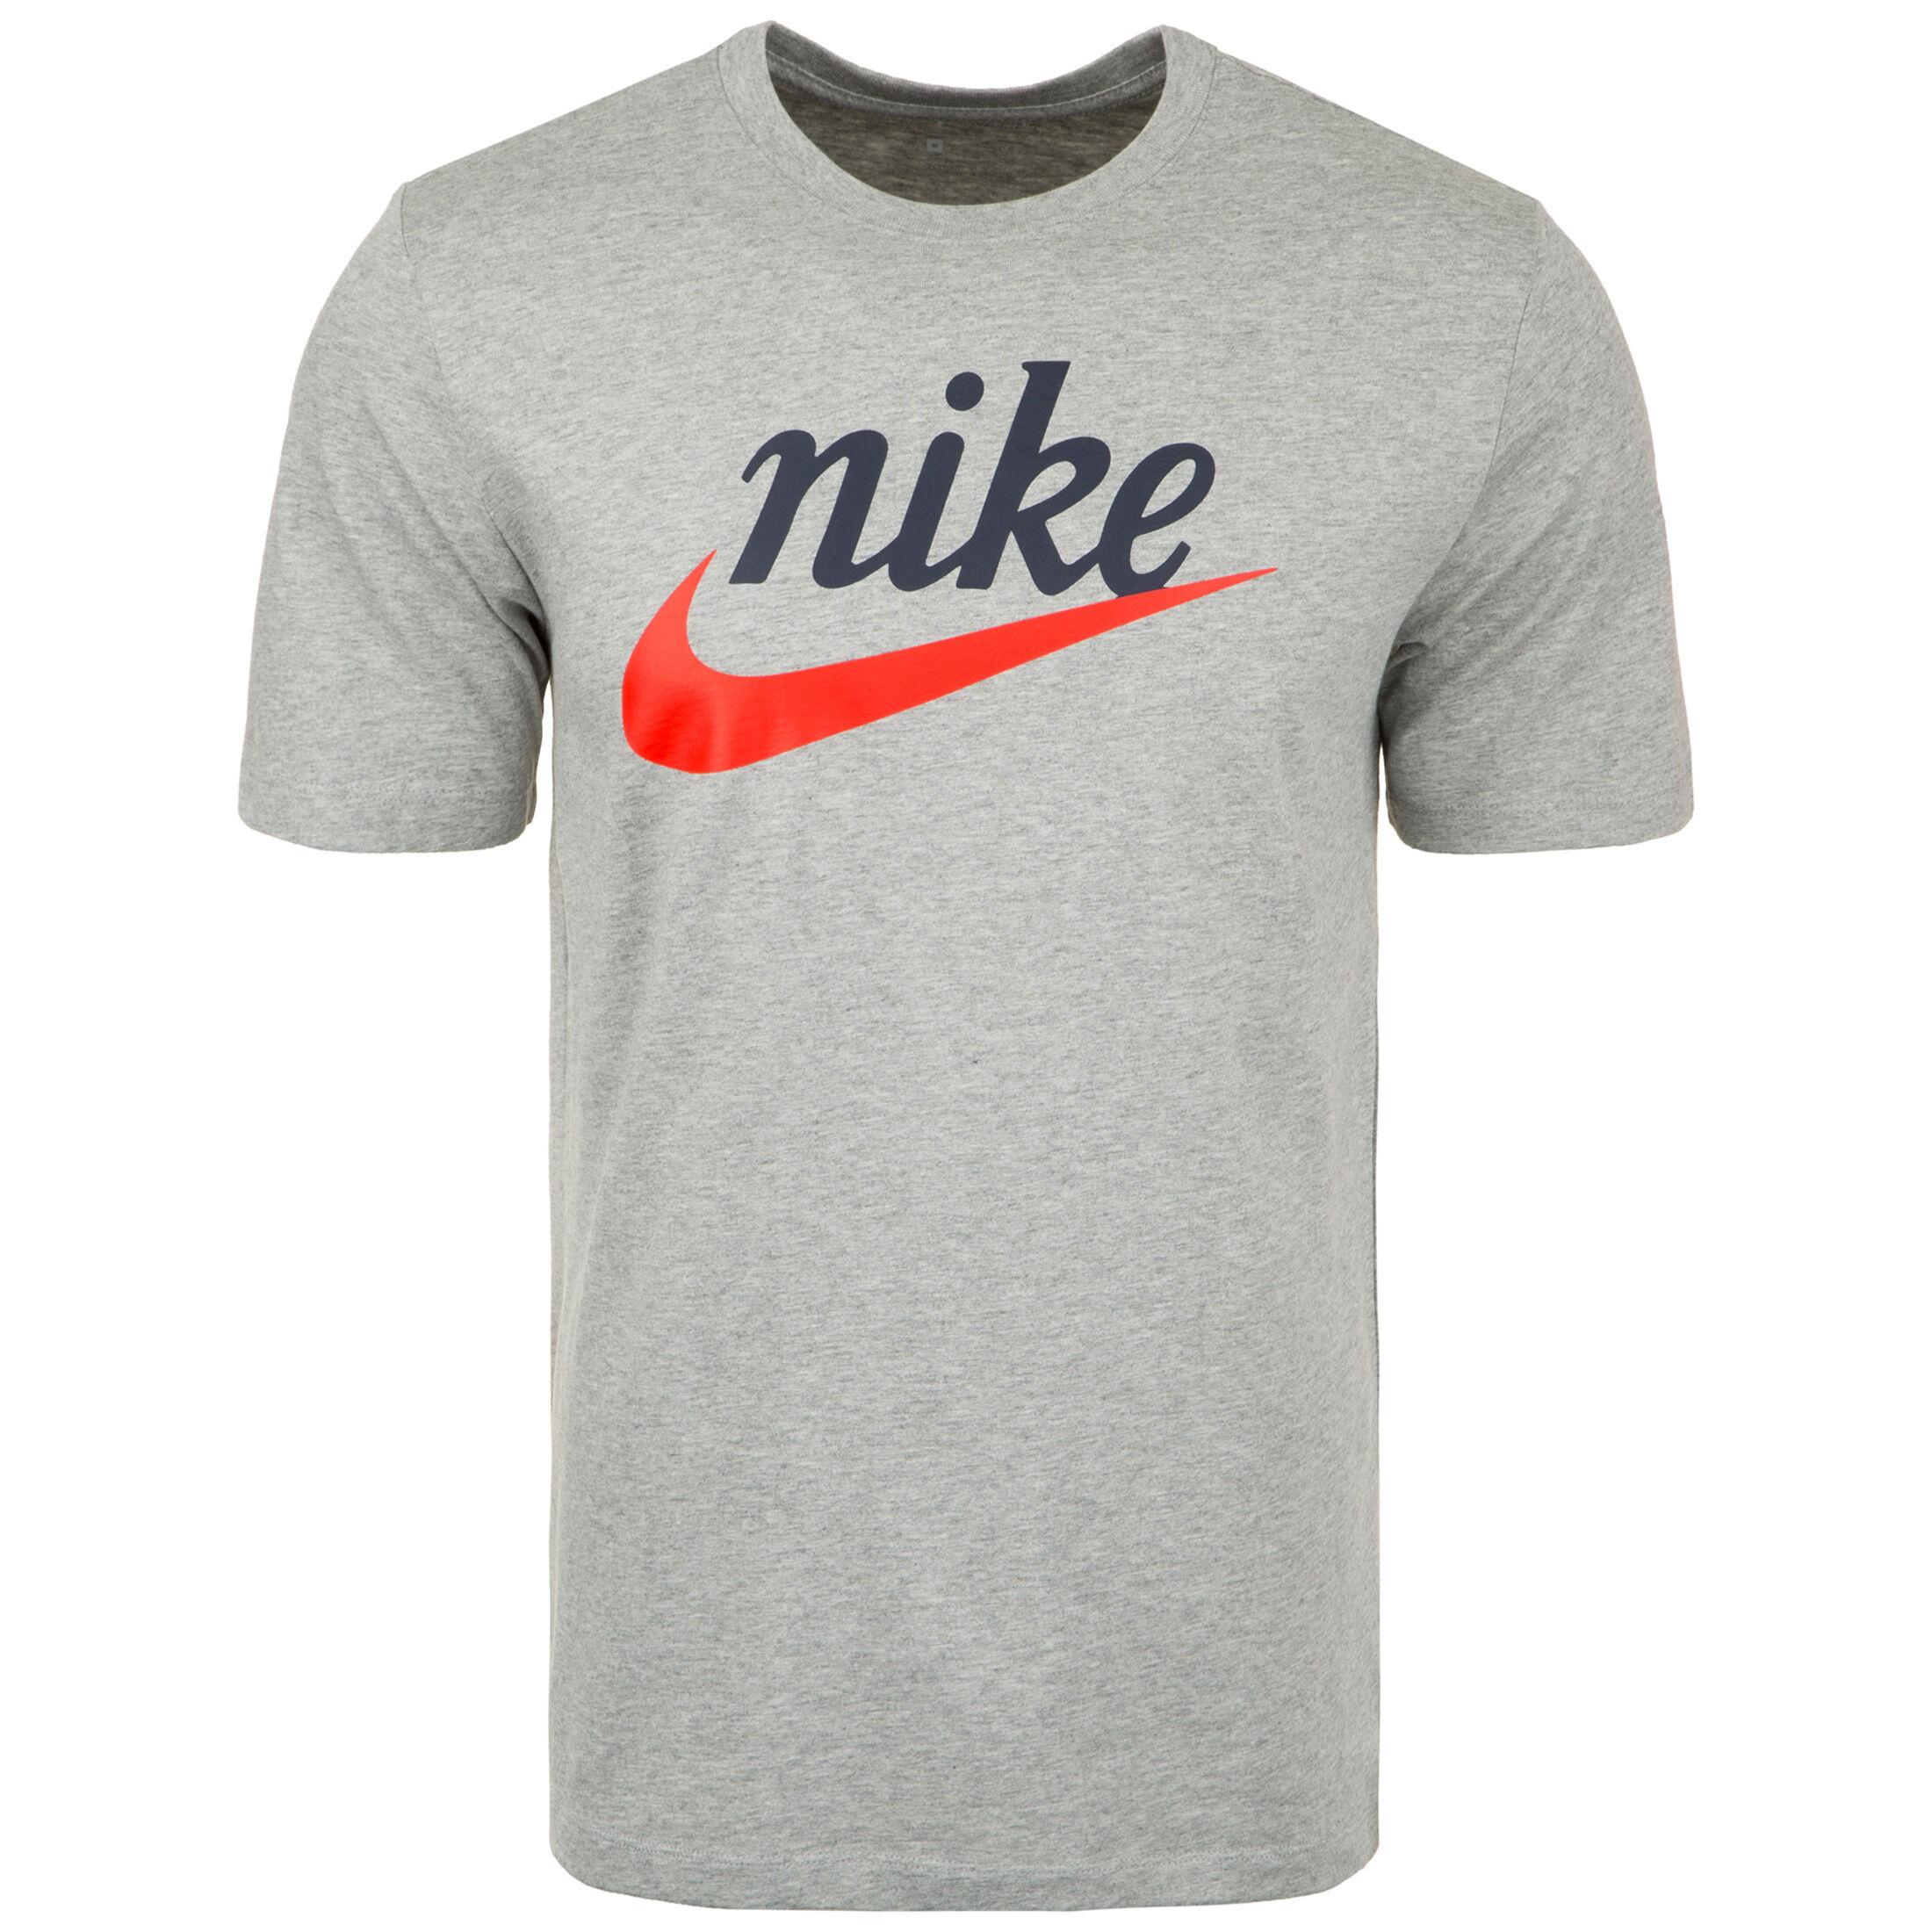 Nike Sportswear Sportswear Heritage T Shirt Herren bei OUTFITTER